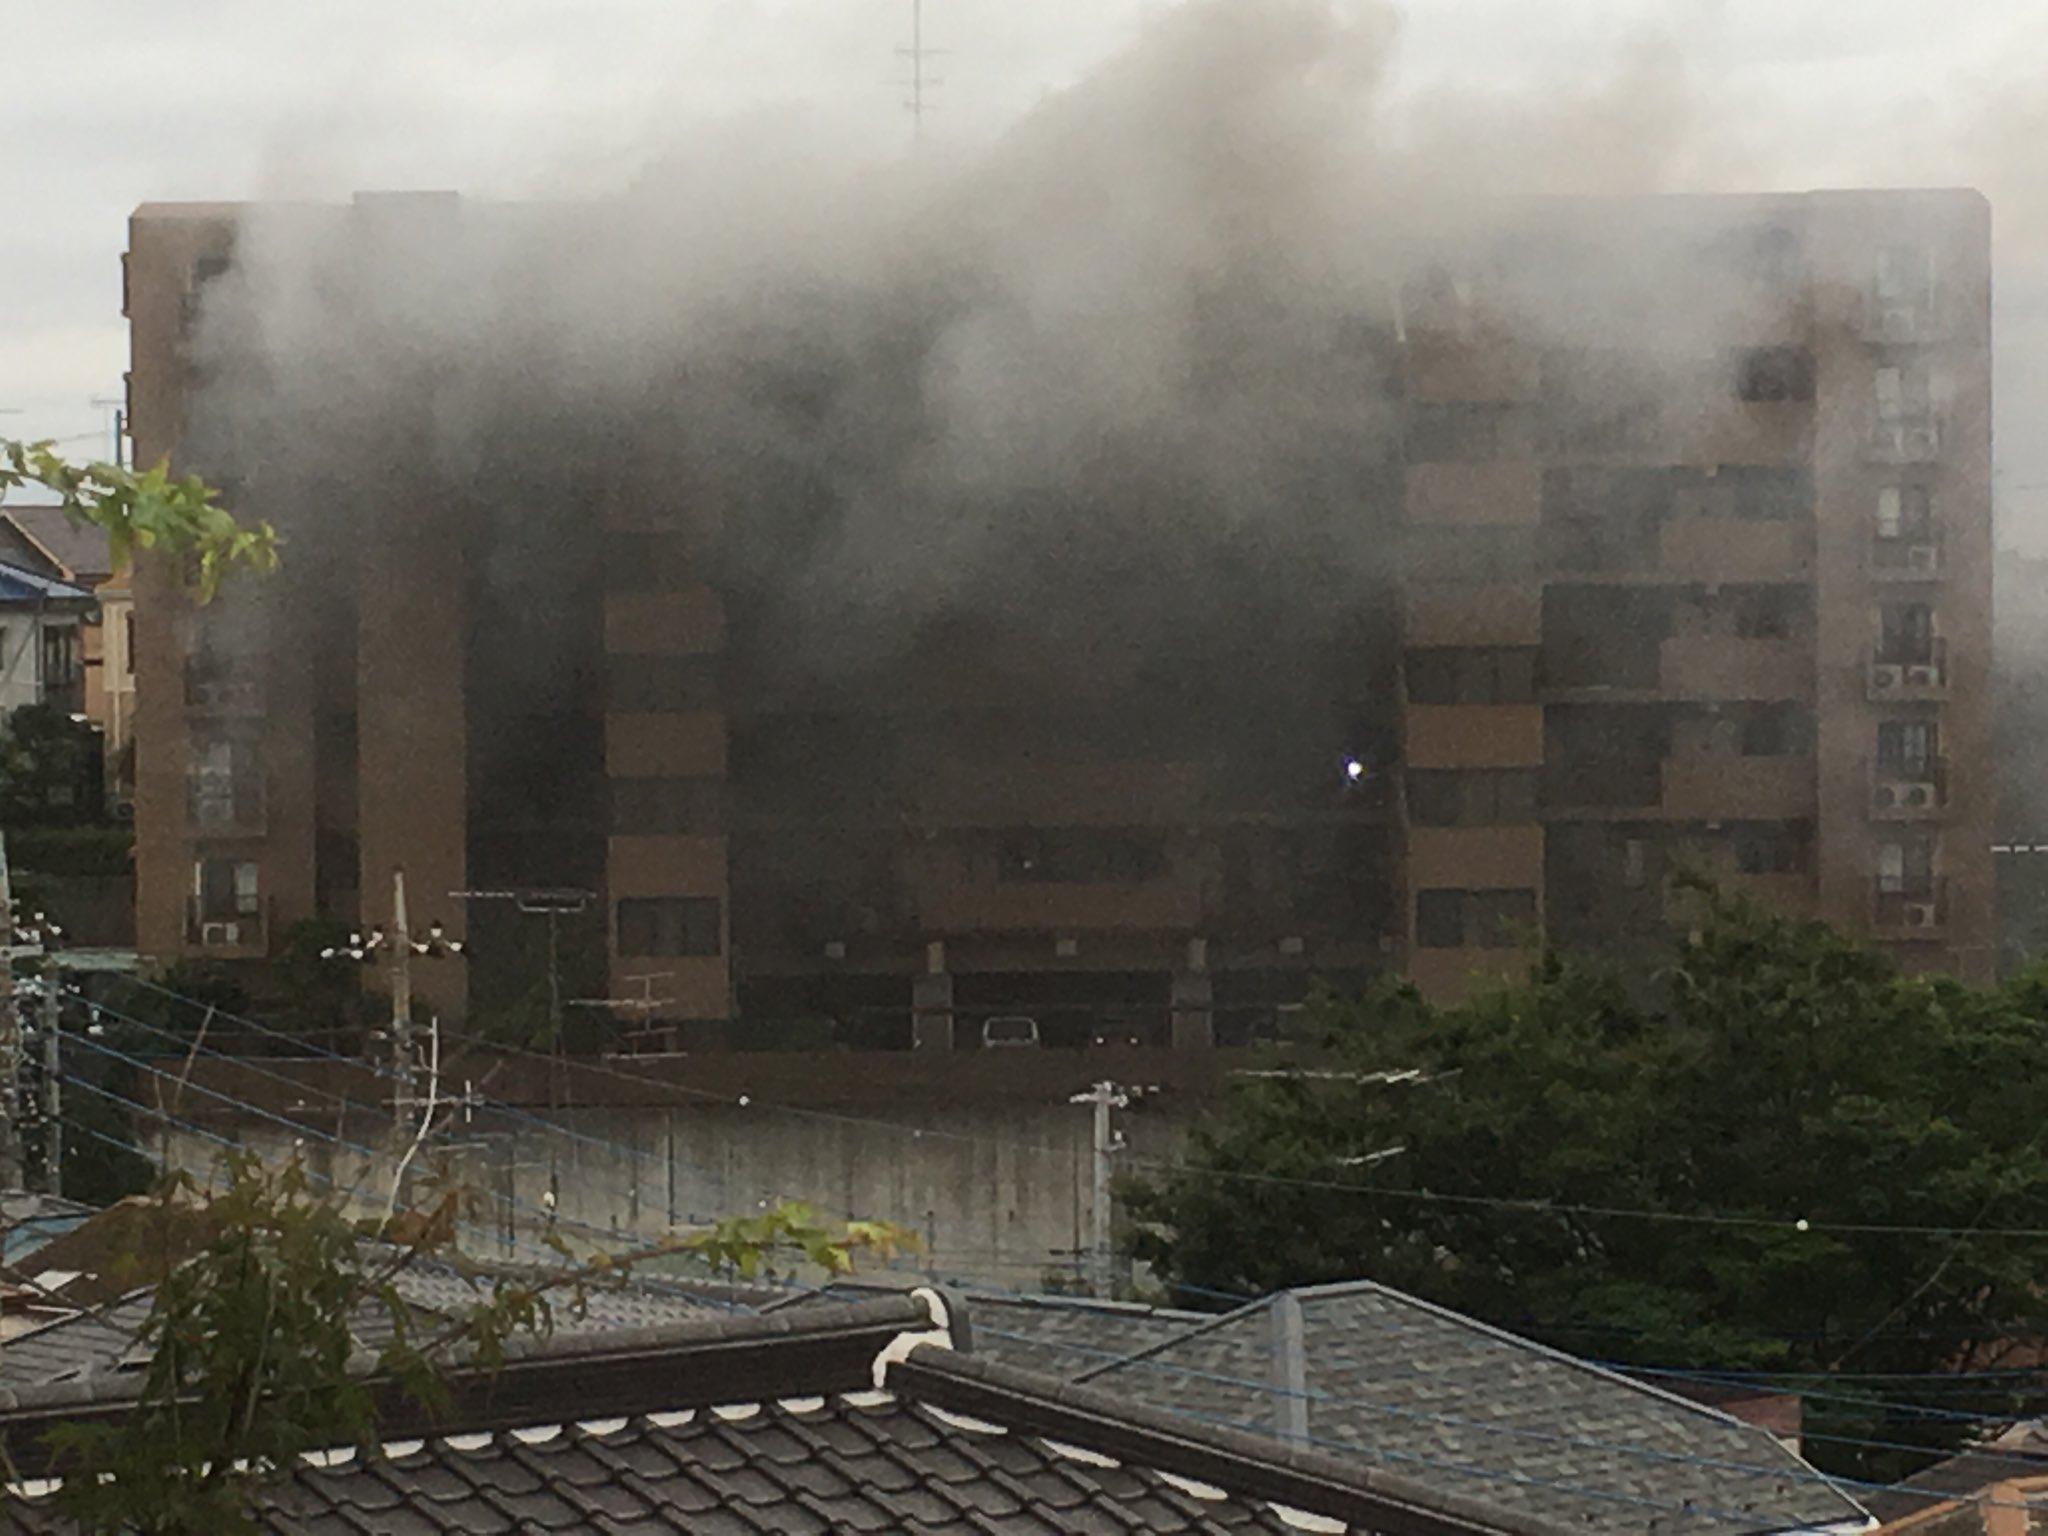 川崎市高津区のマンションで火事が起きている現場の画像